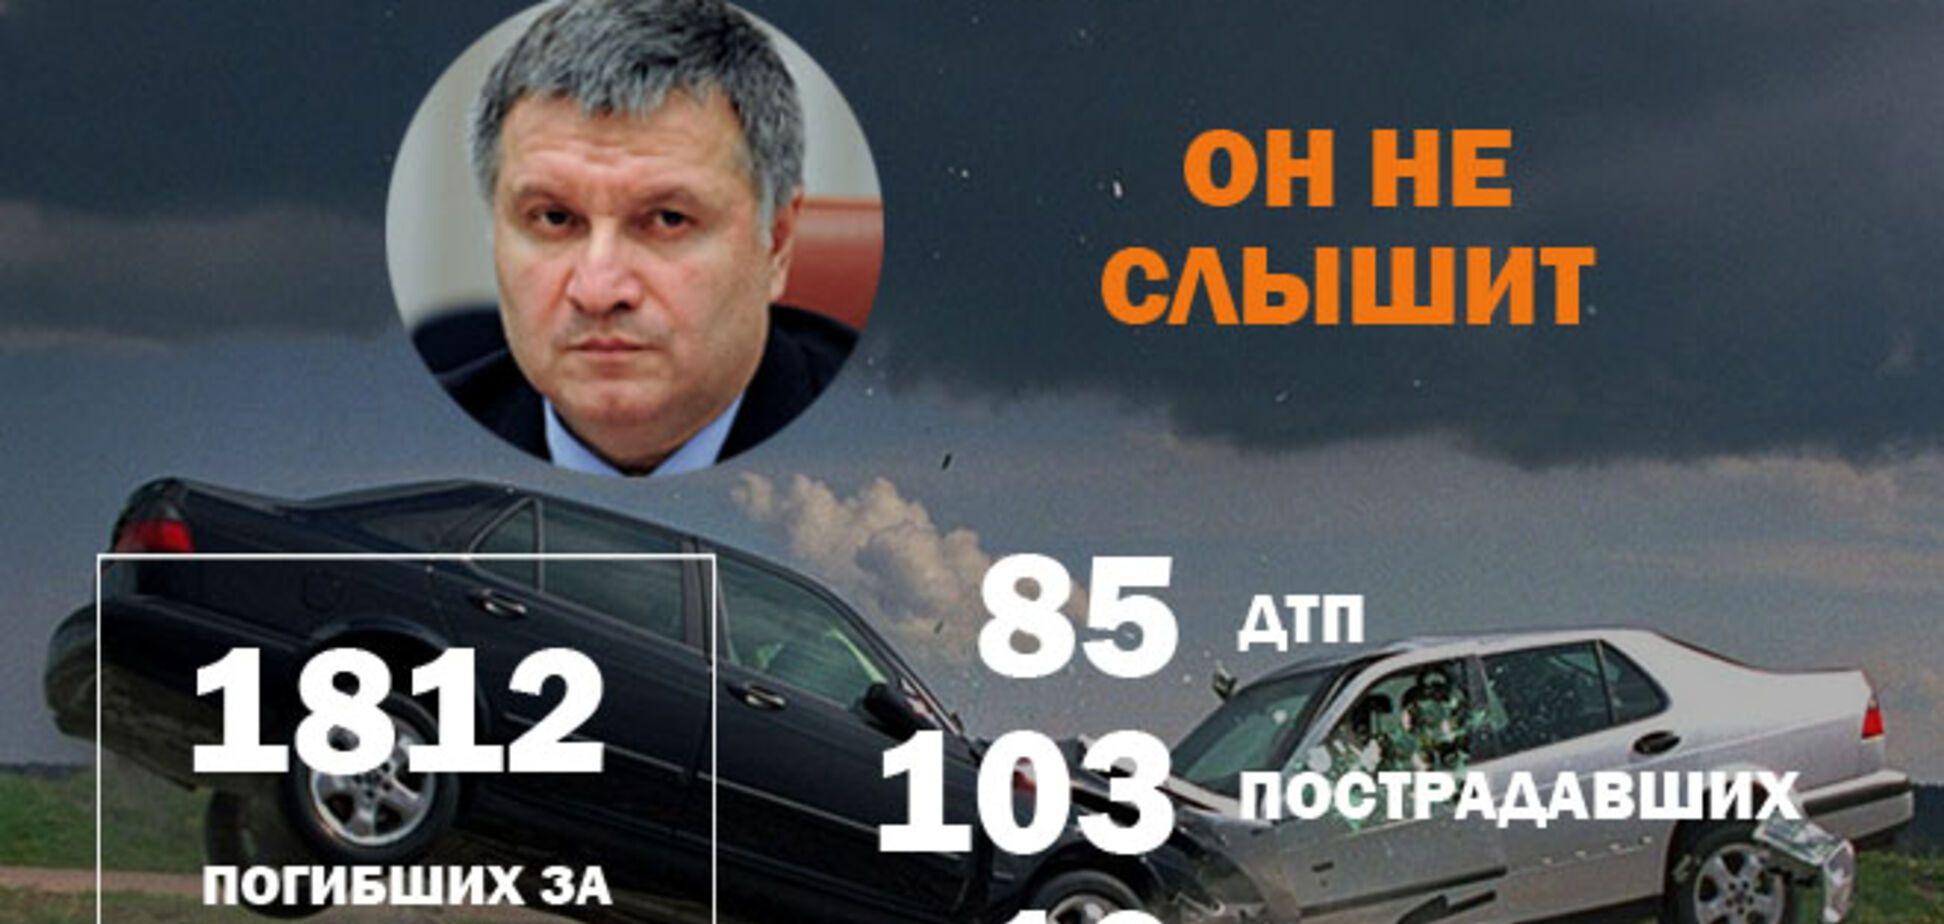 Автомобили с людьми разорвало: на Хмельнитчине произошло кошмарное ДТП